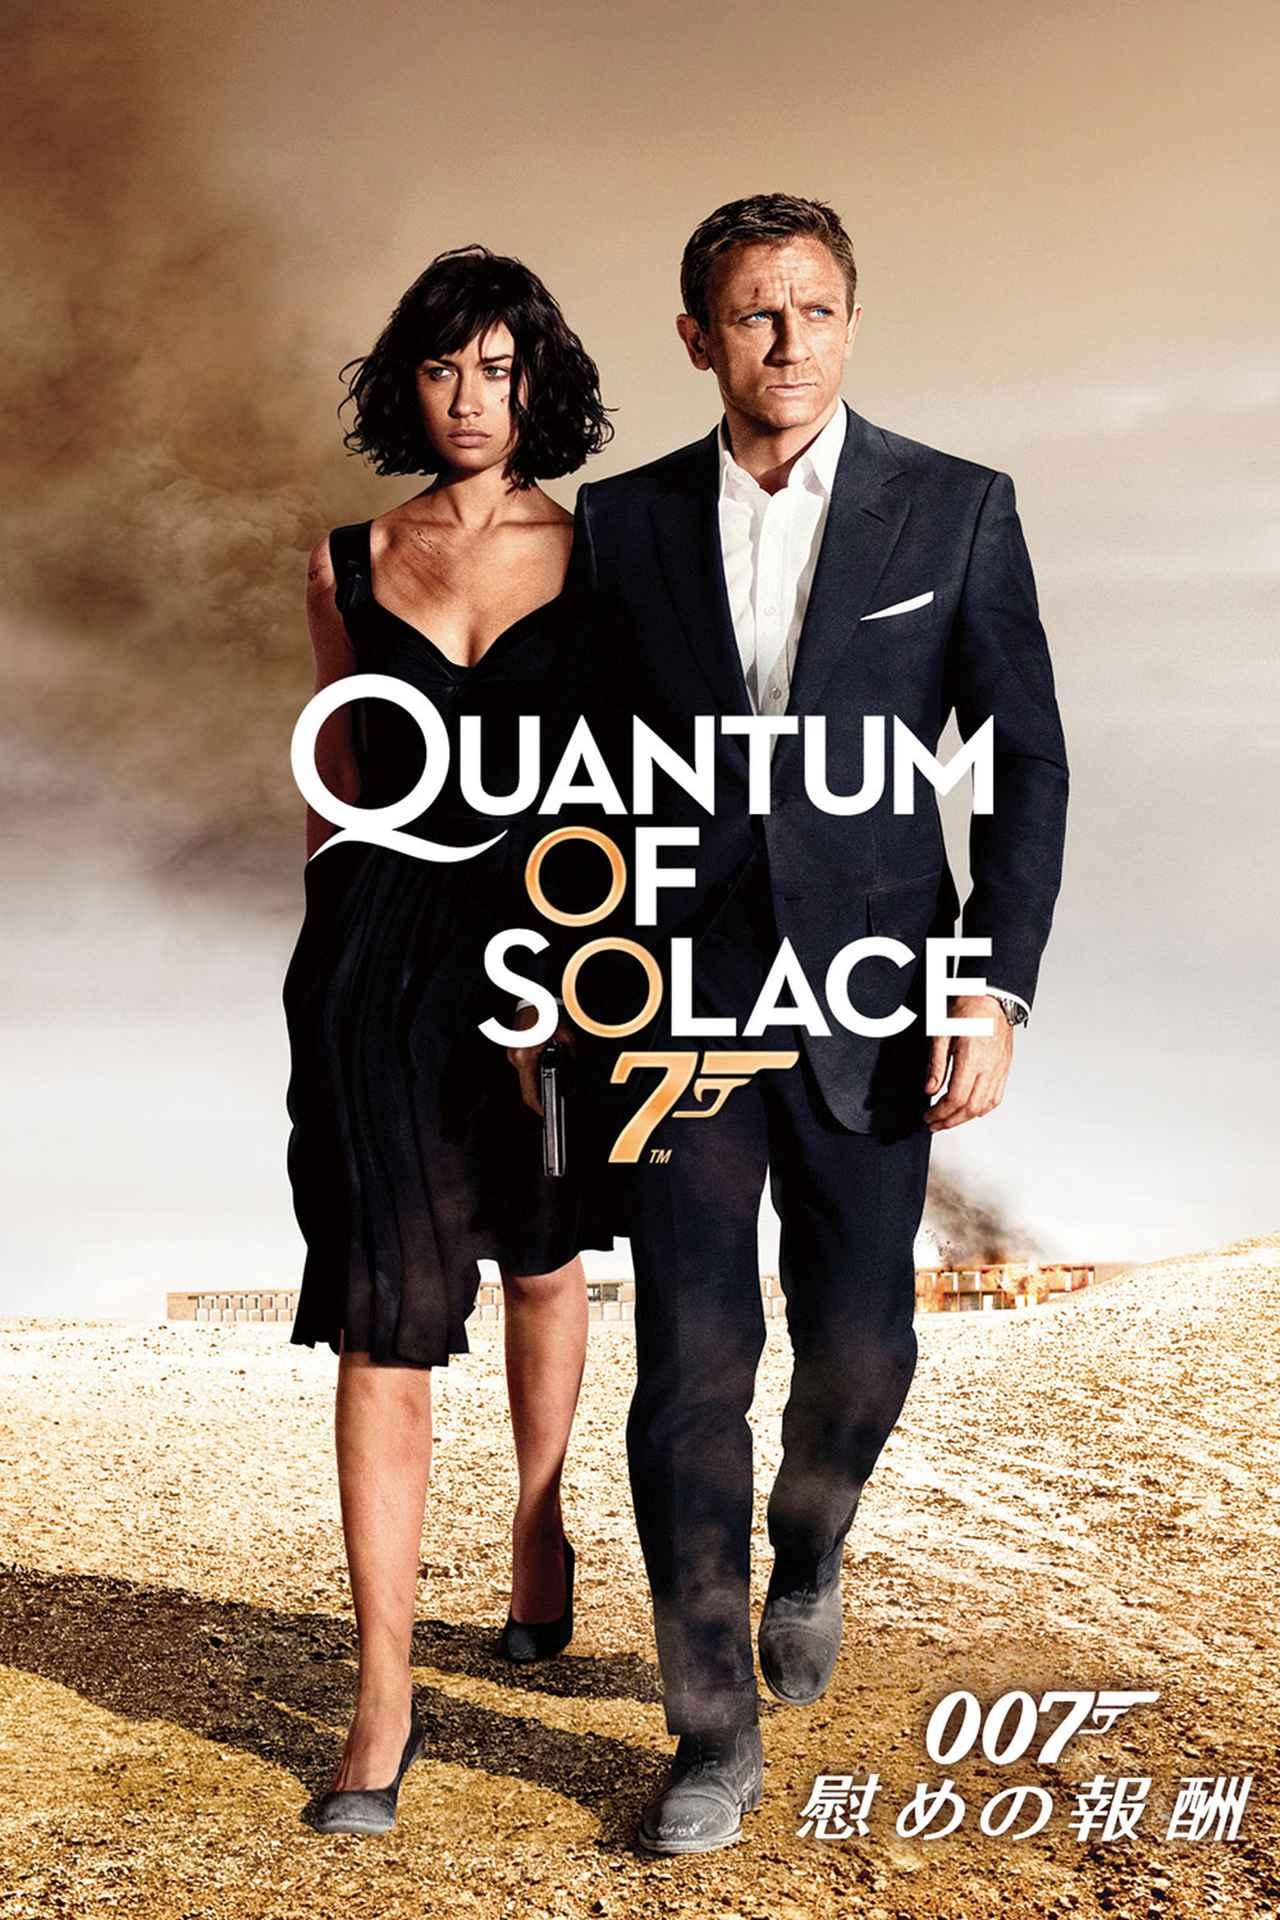 画像22: 世界のポスターで見る「007」シリーズ 全24作品まとめ